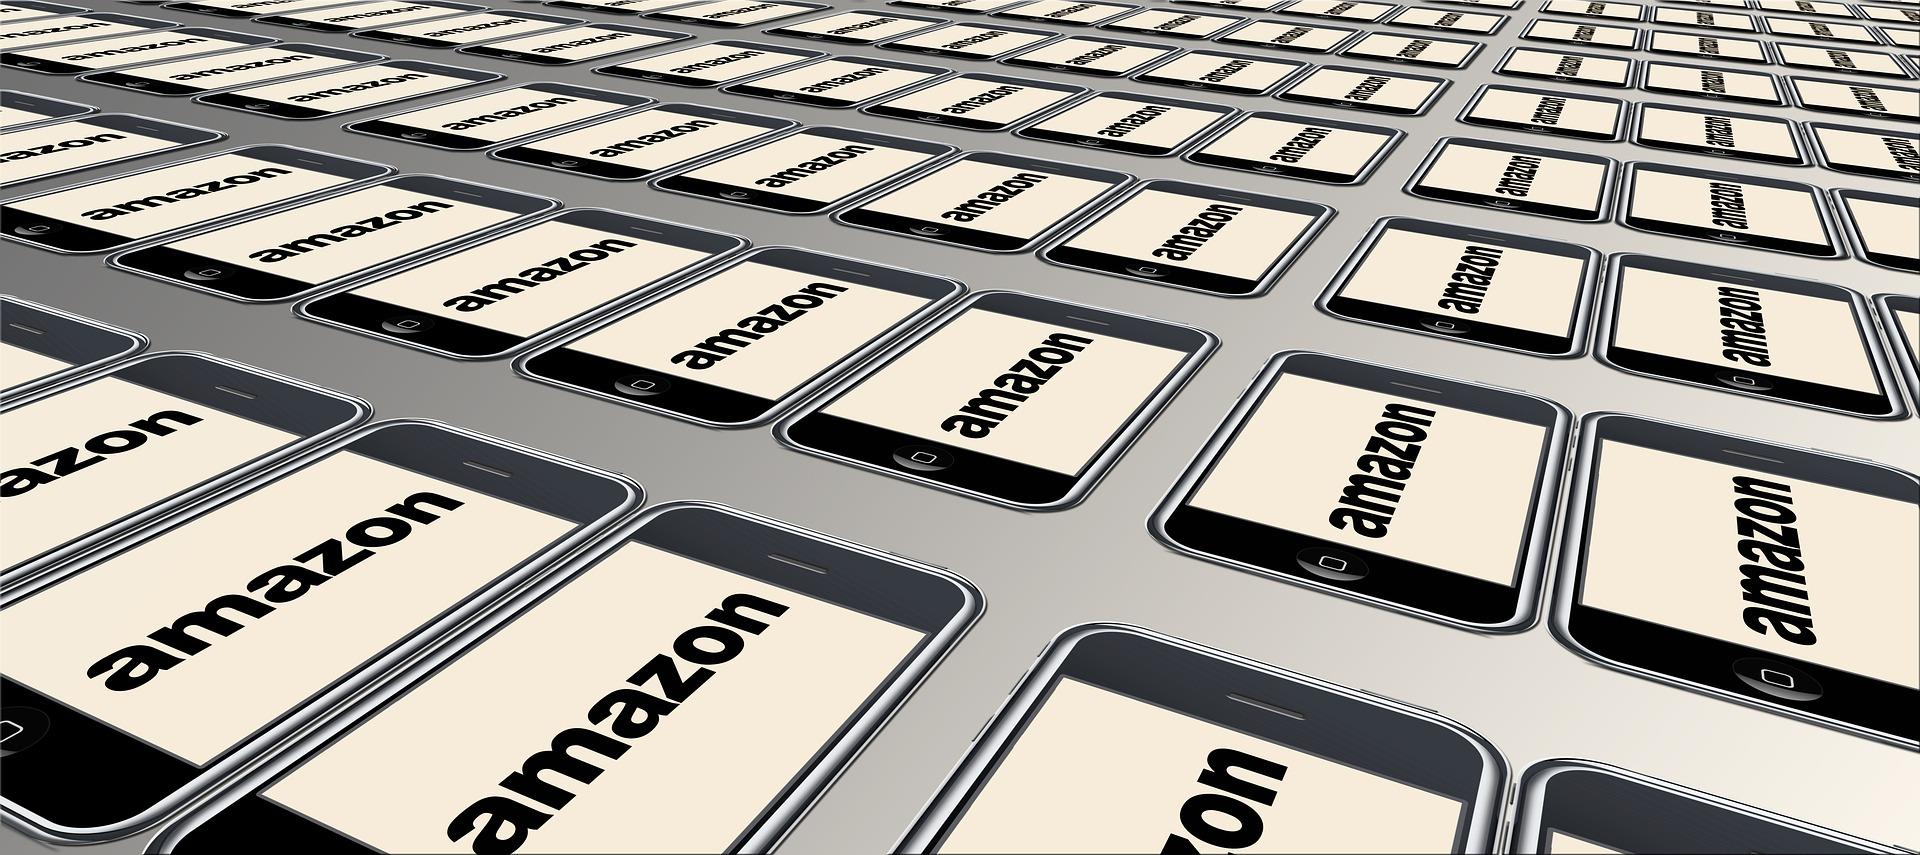 Assunzioni Amazon 2020: 100 assunzioni per nuova sede in Piemonte